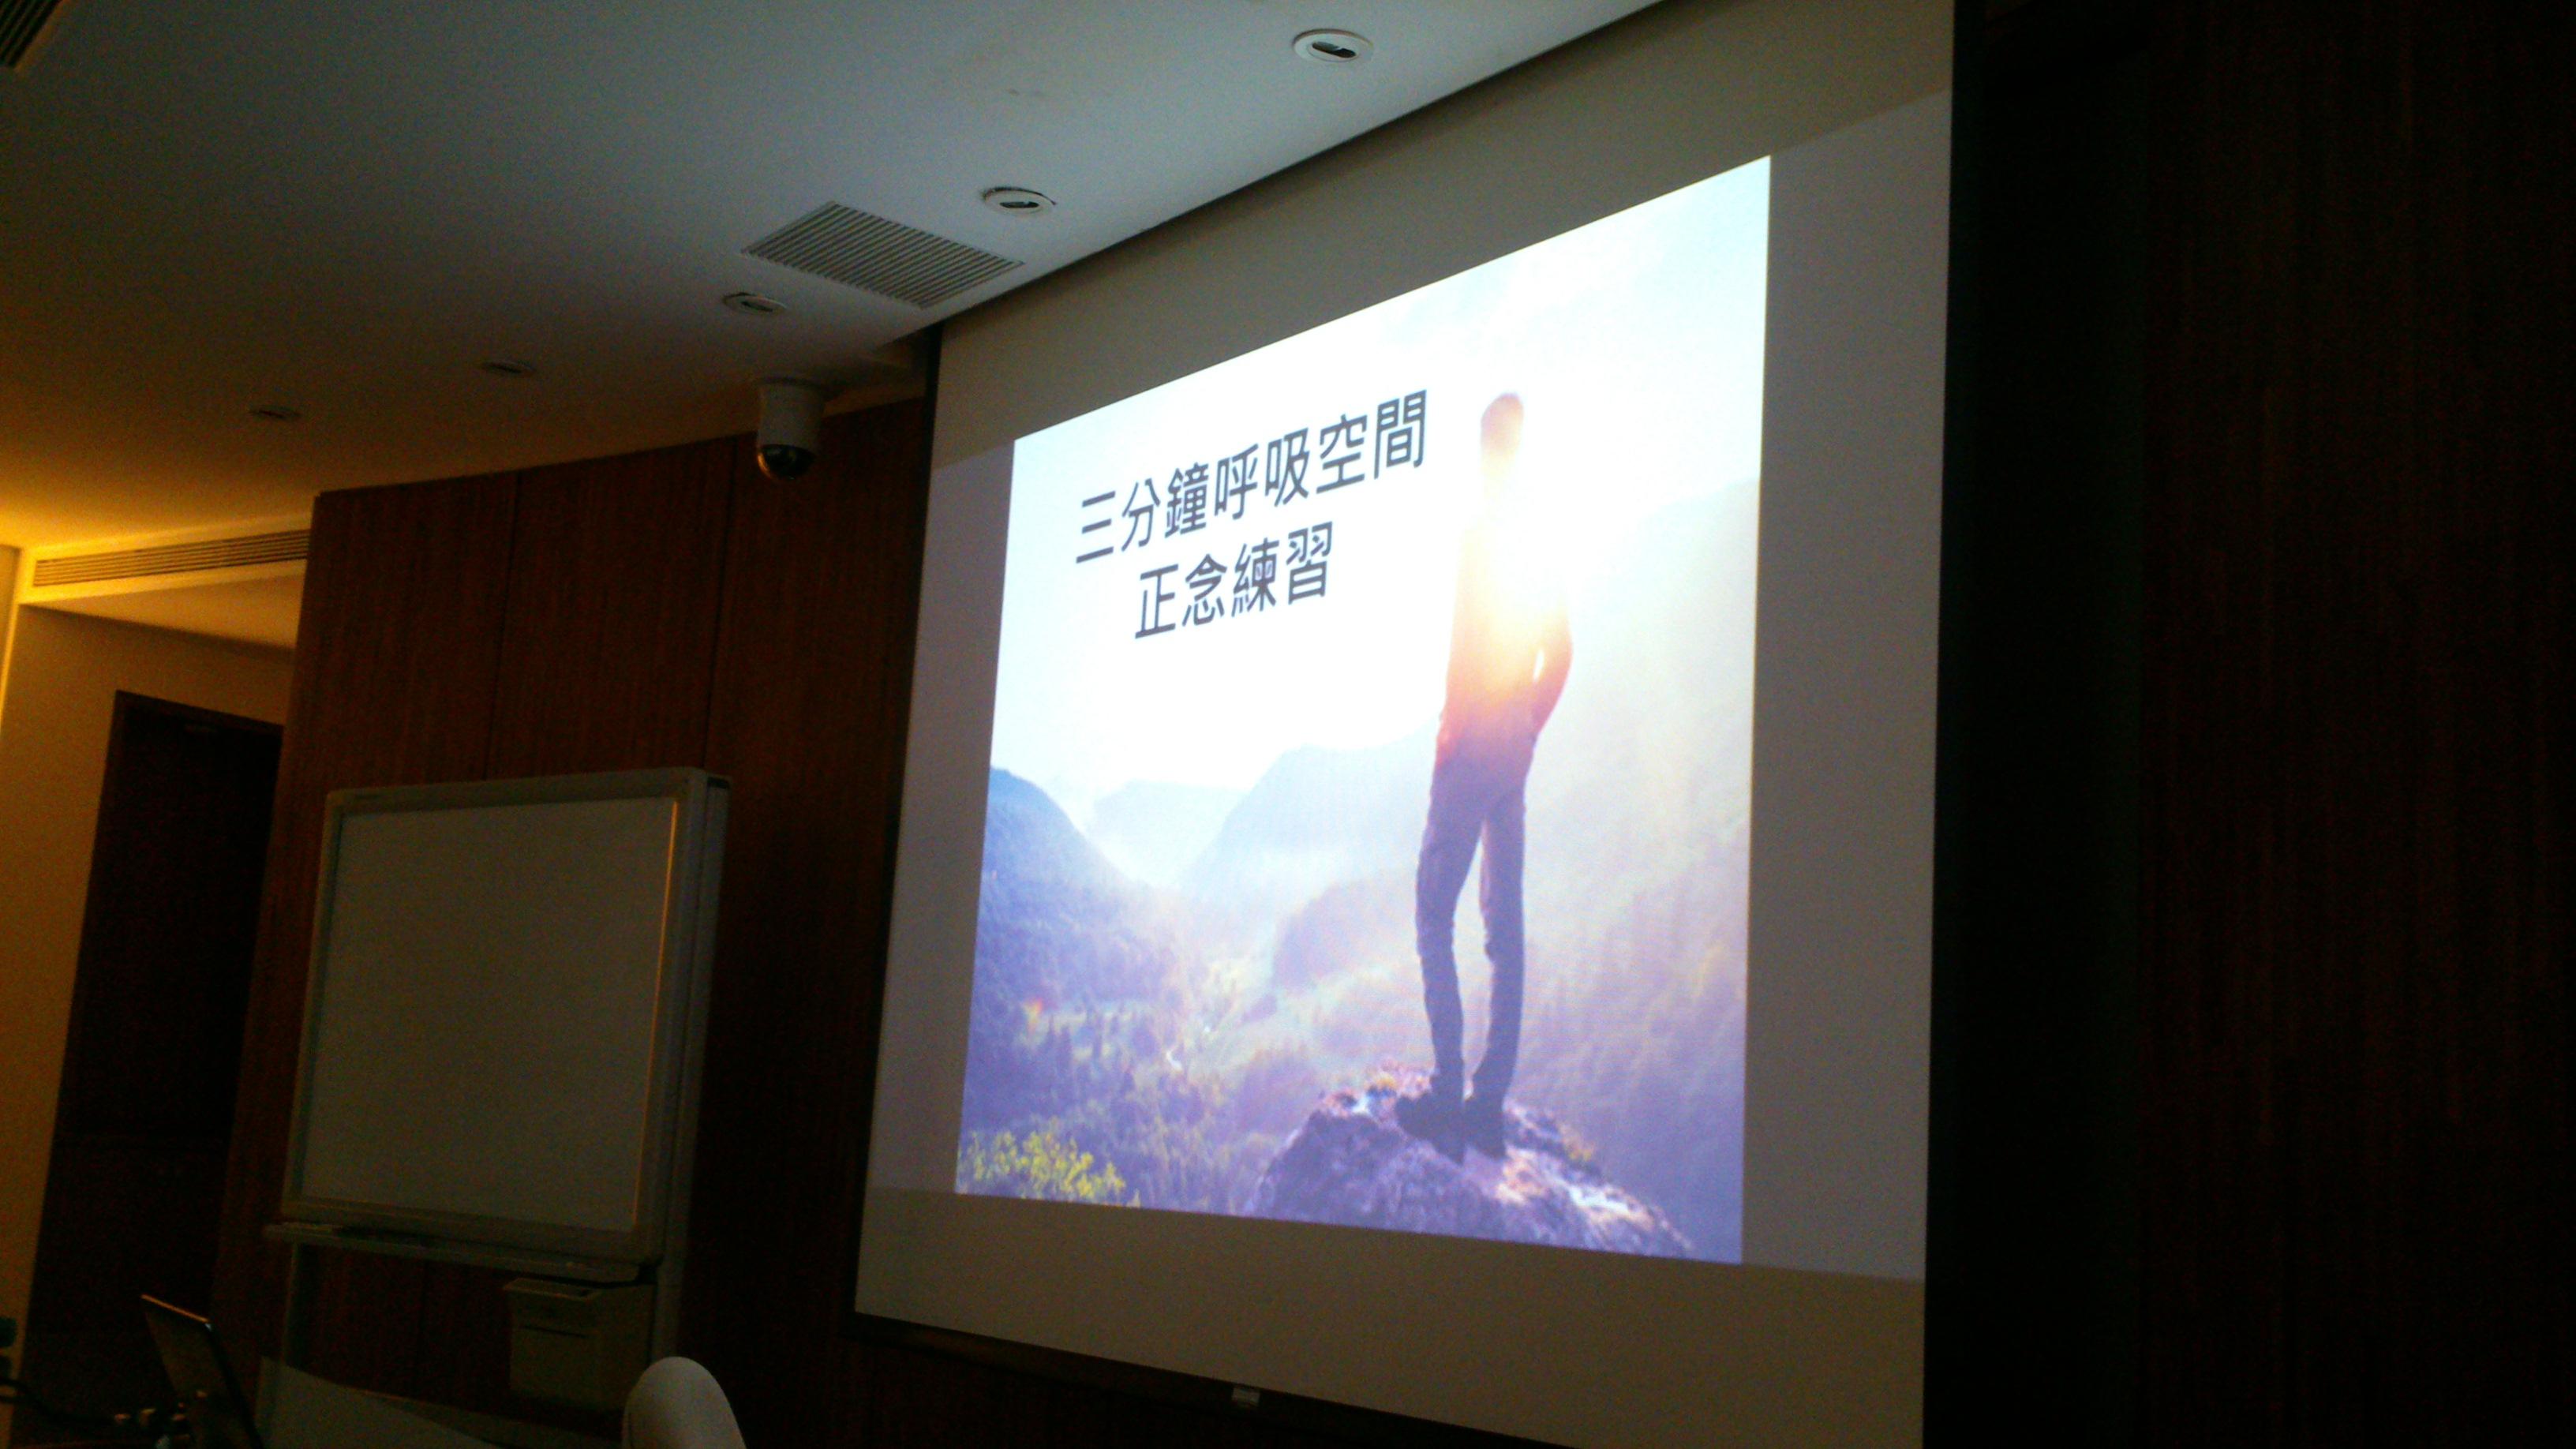 2017.03.22 職涯講座 (14)吳錫昌講師帶正念練習